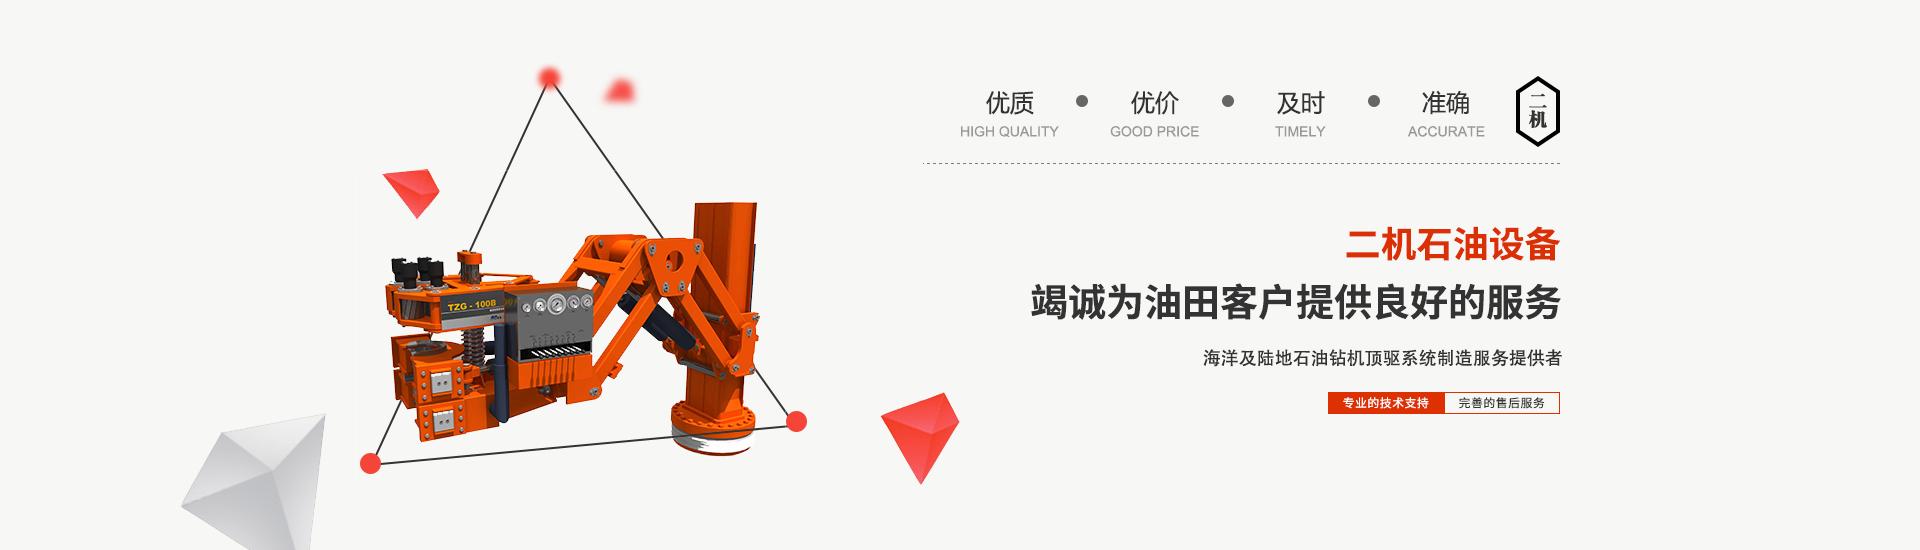 南阳主页rb88官网石油设备集团有限公司